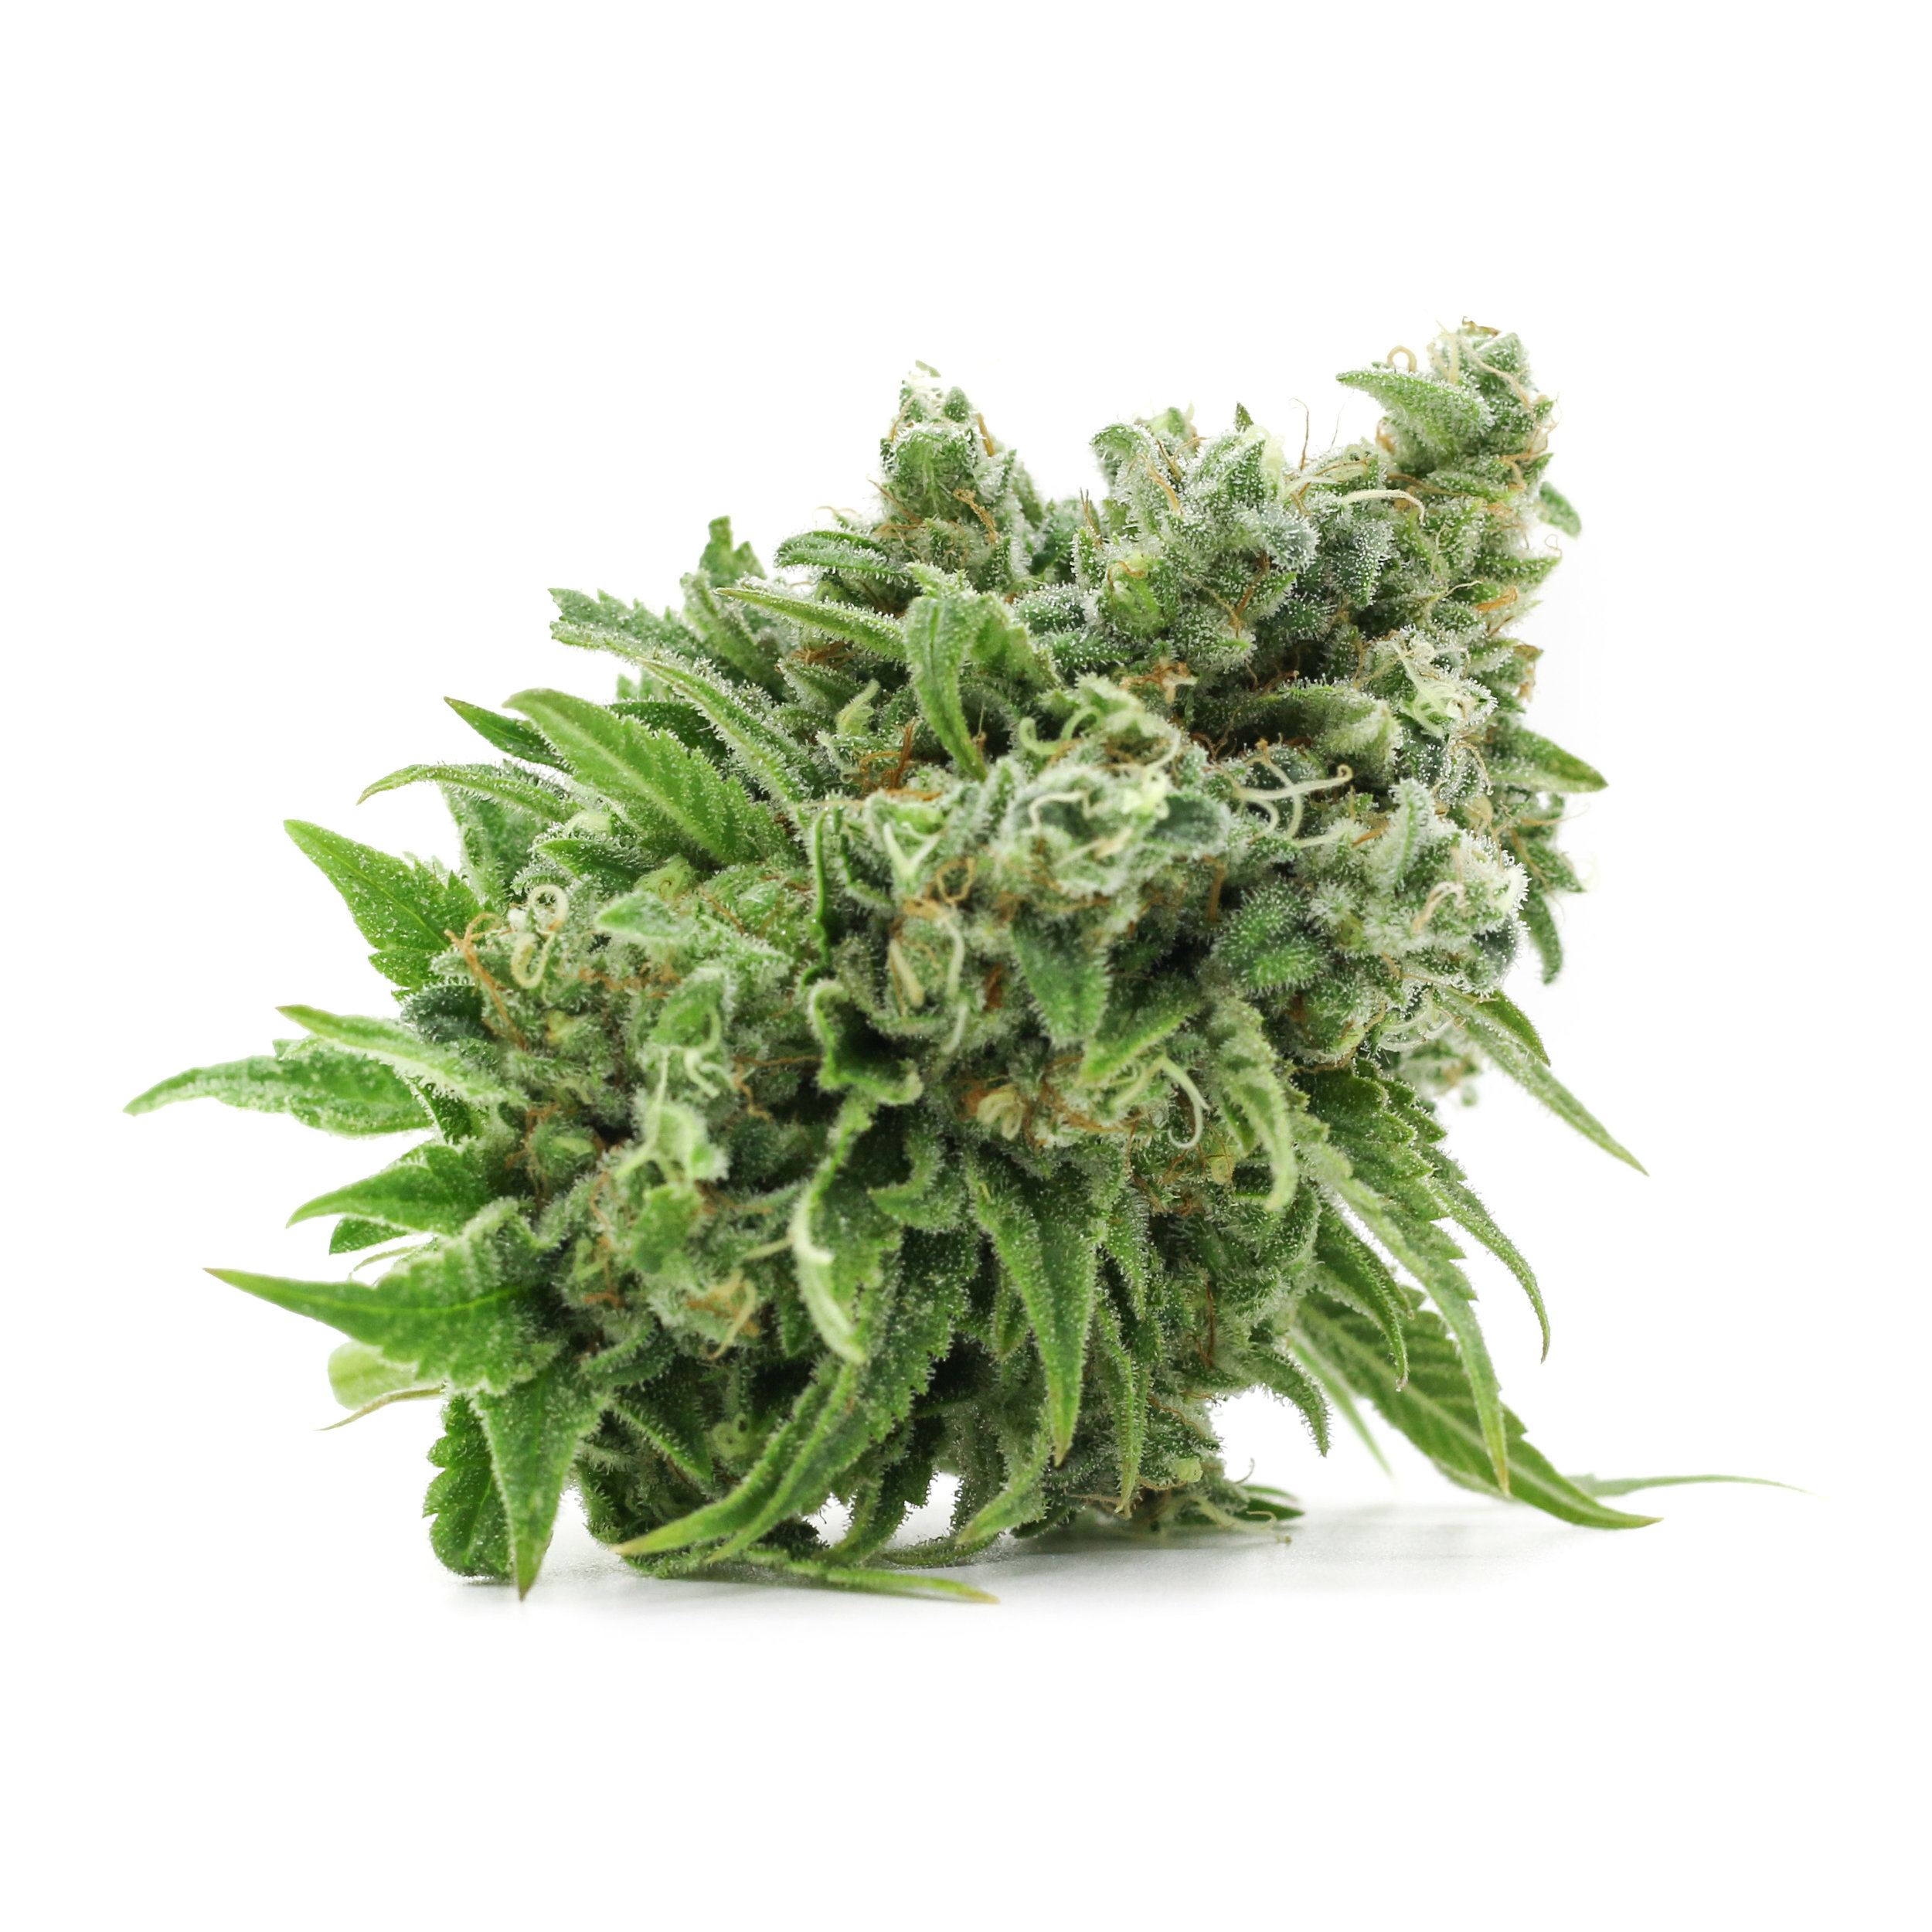 Pineapple Chunk Cannabis Strain